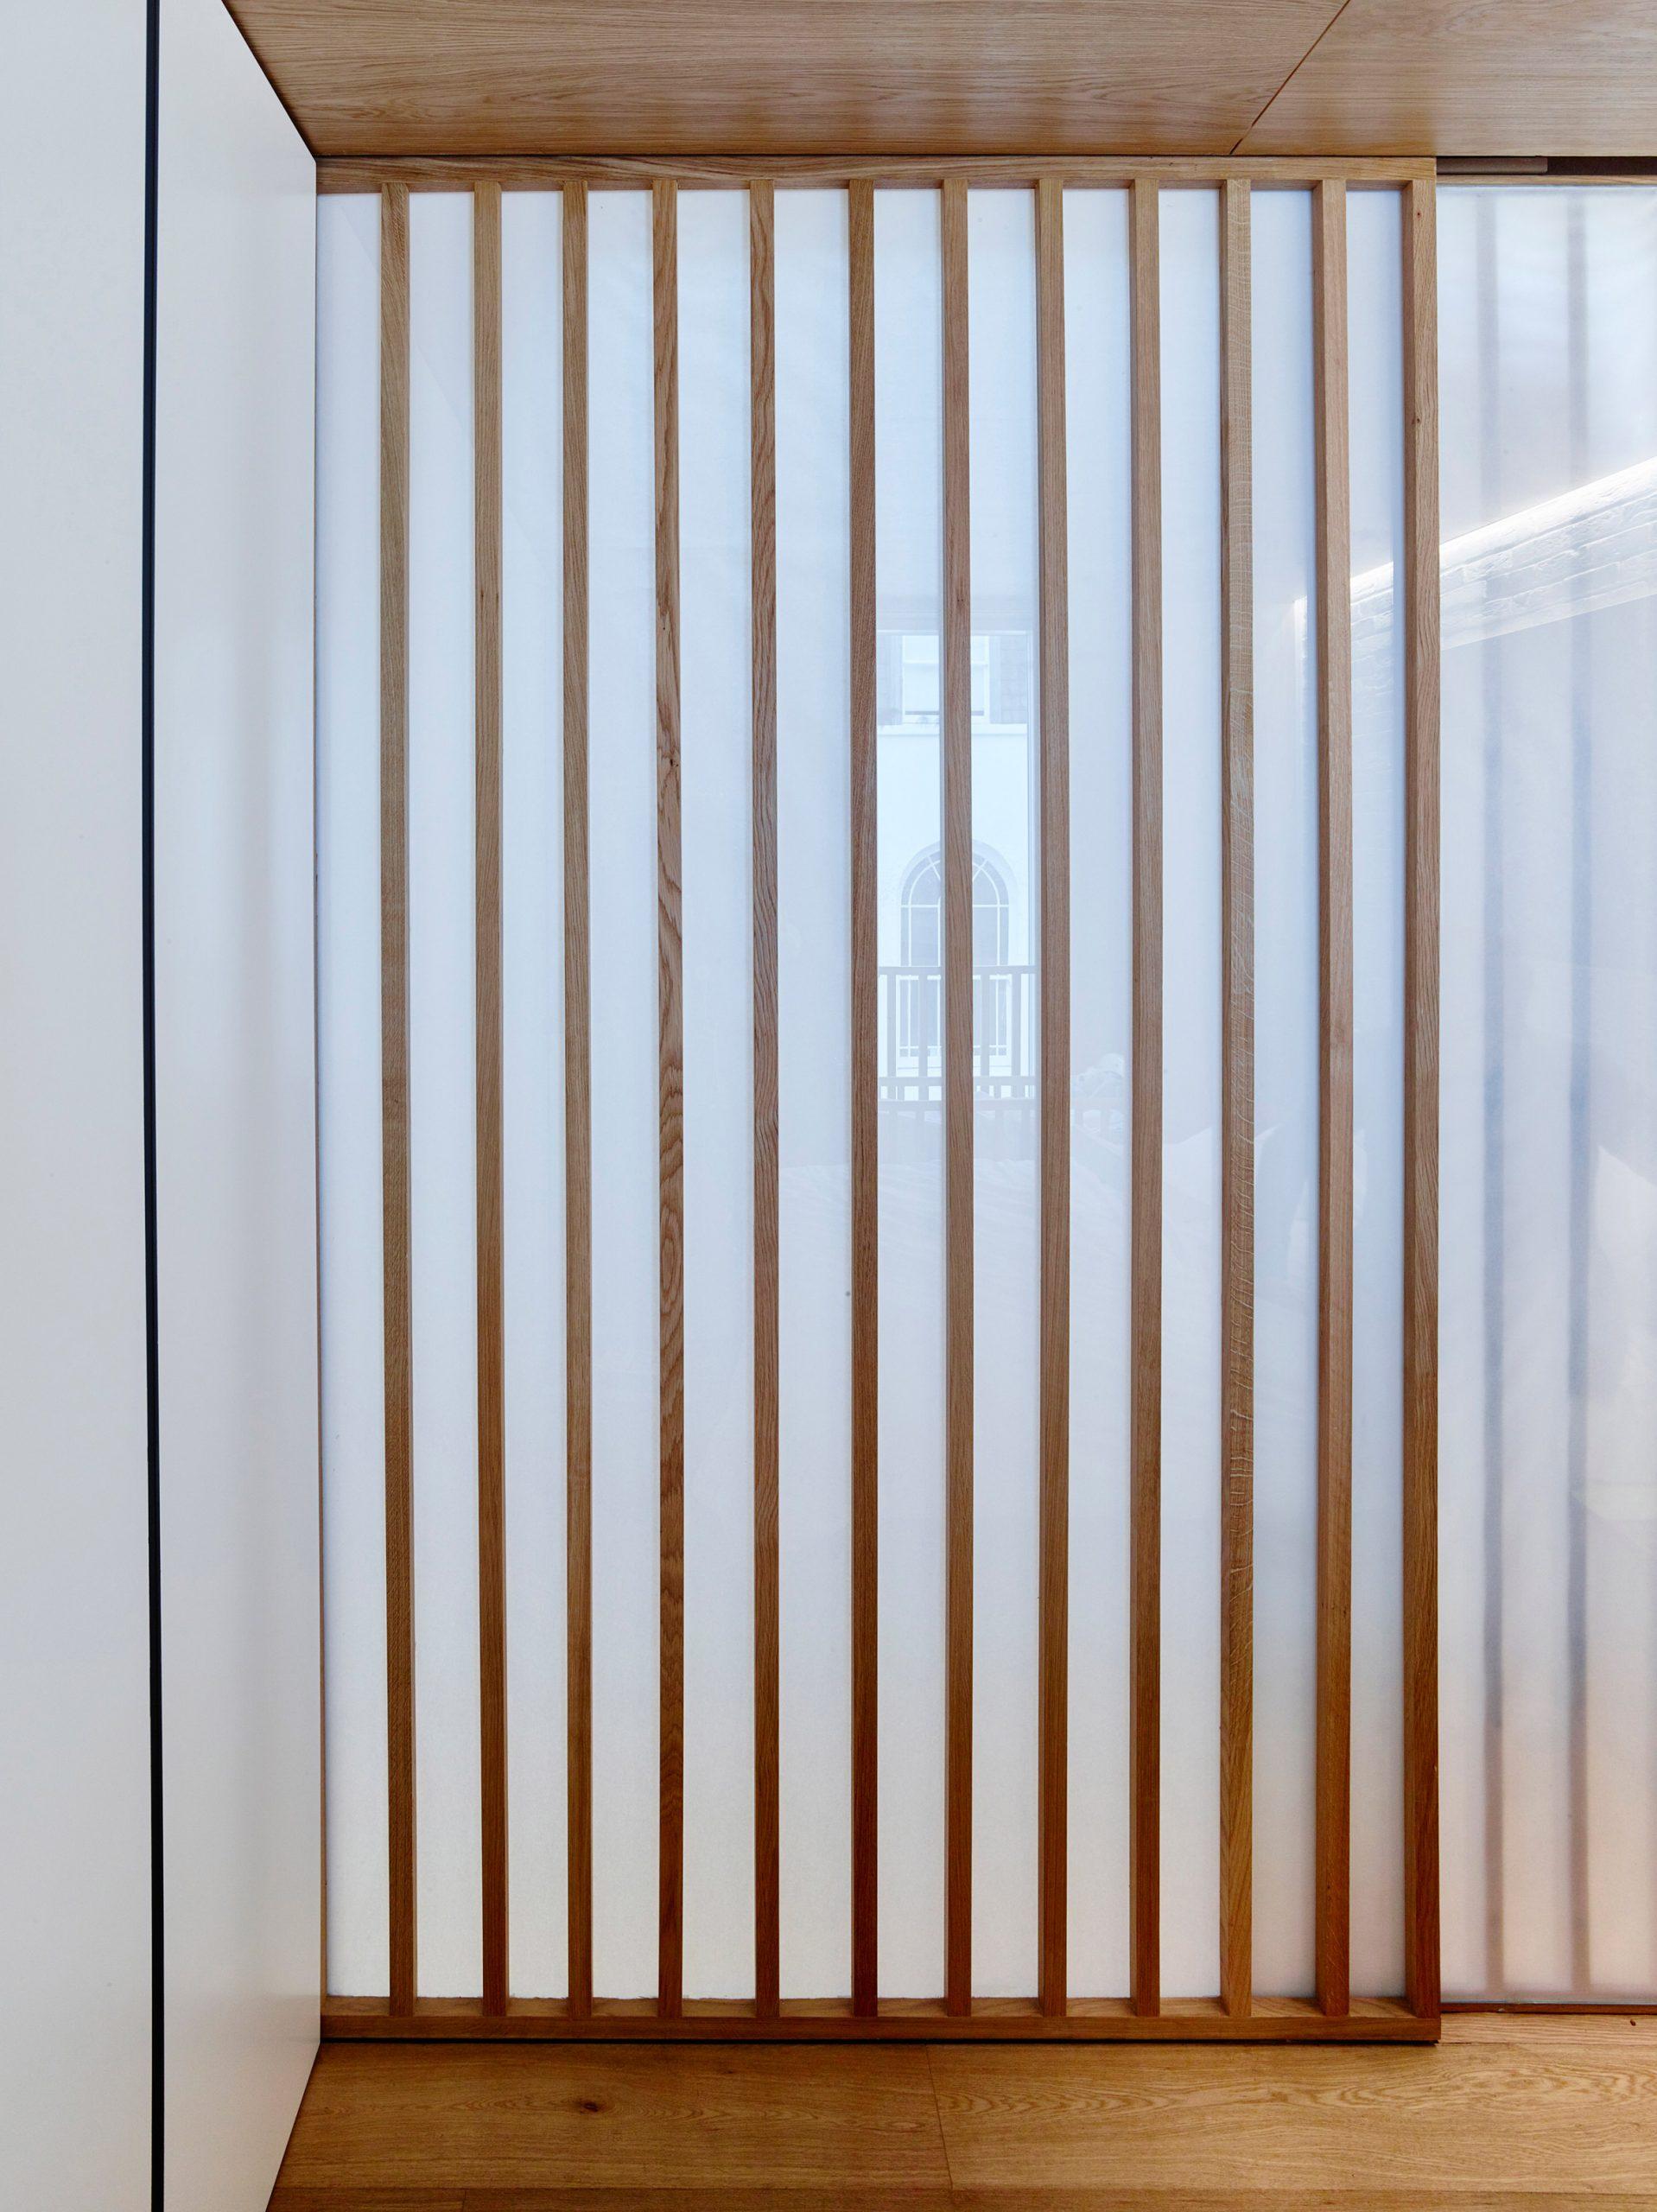 Thiết kế nhà gỗ hiện đại 16